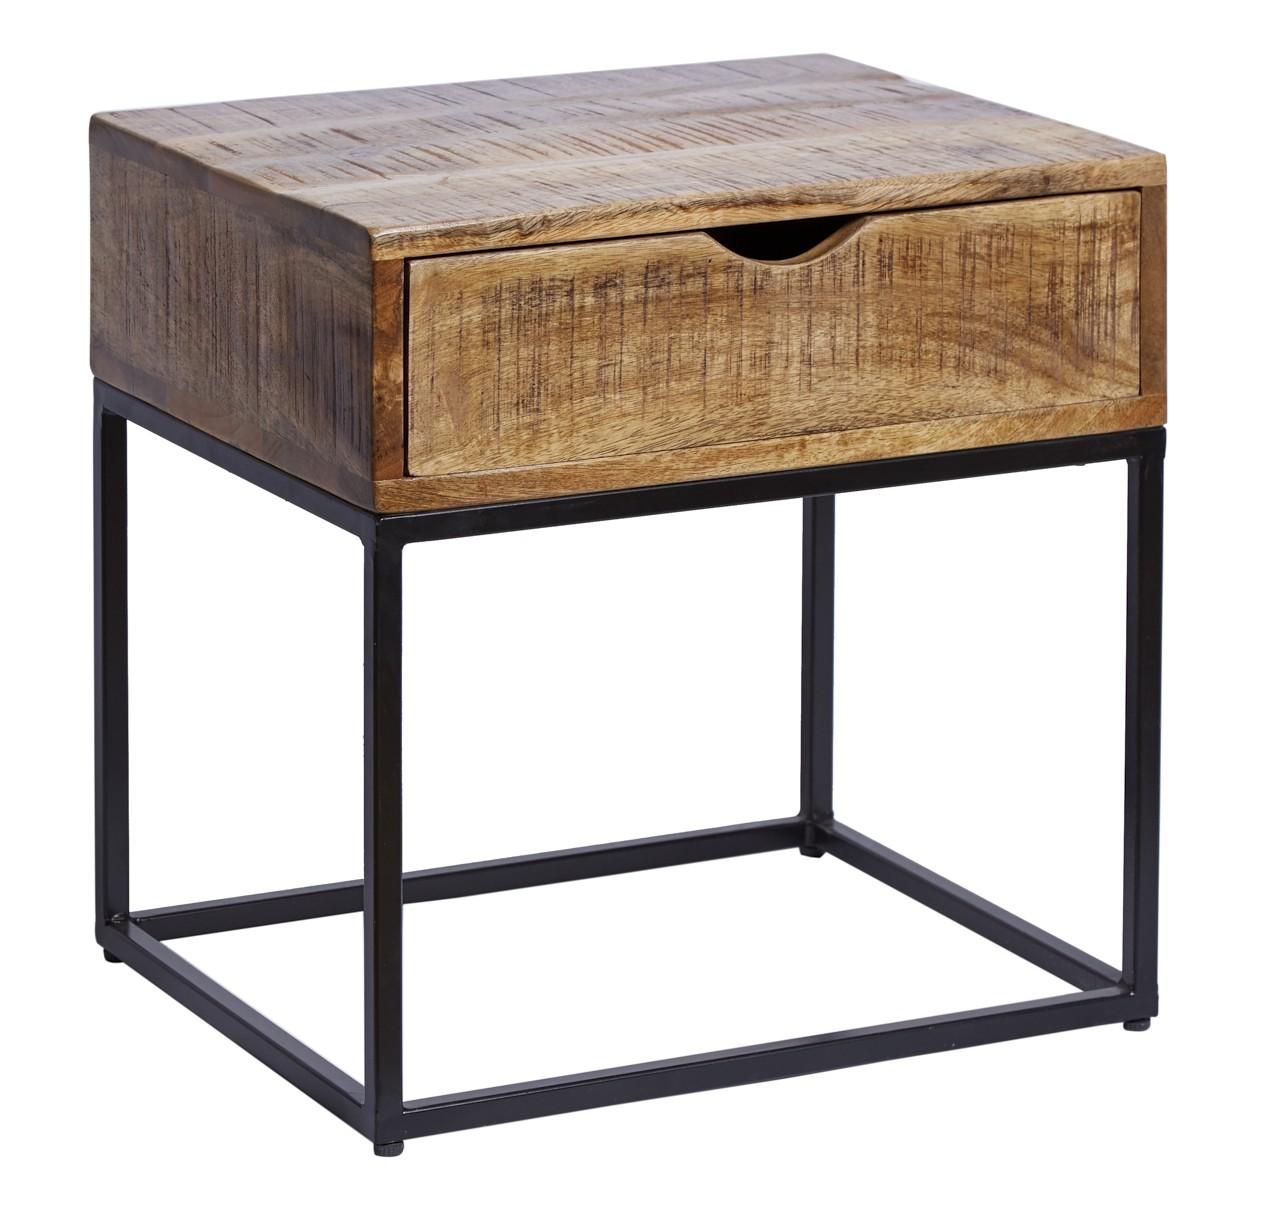 Petite Table De Nuit Bois table de nuit d'appoint industrielle bois de teck reece